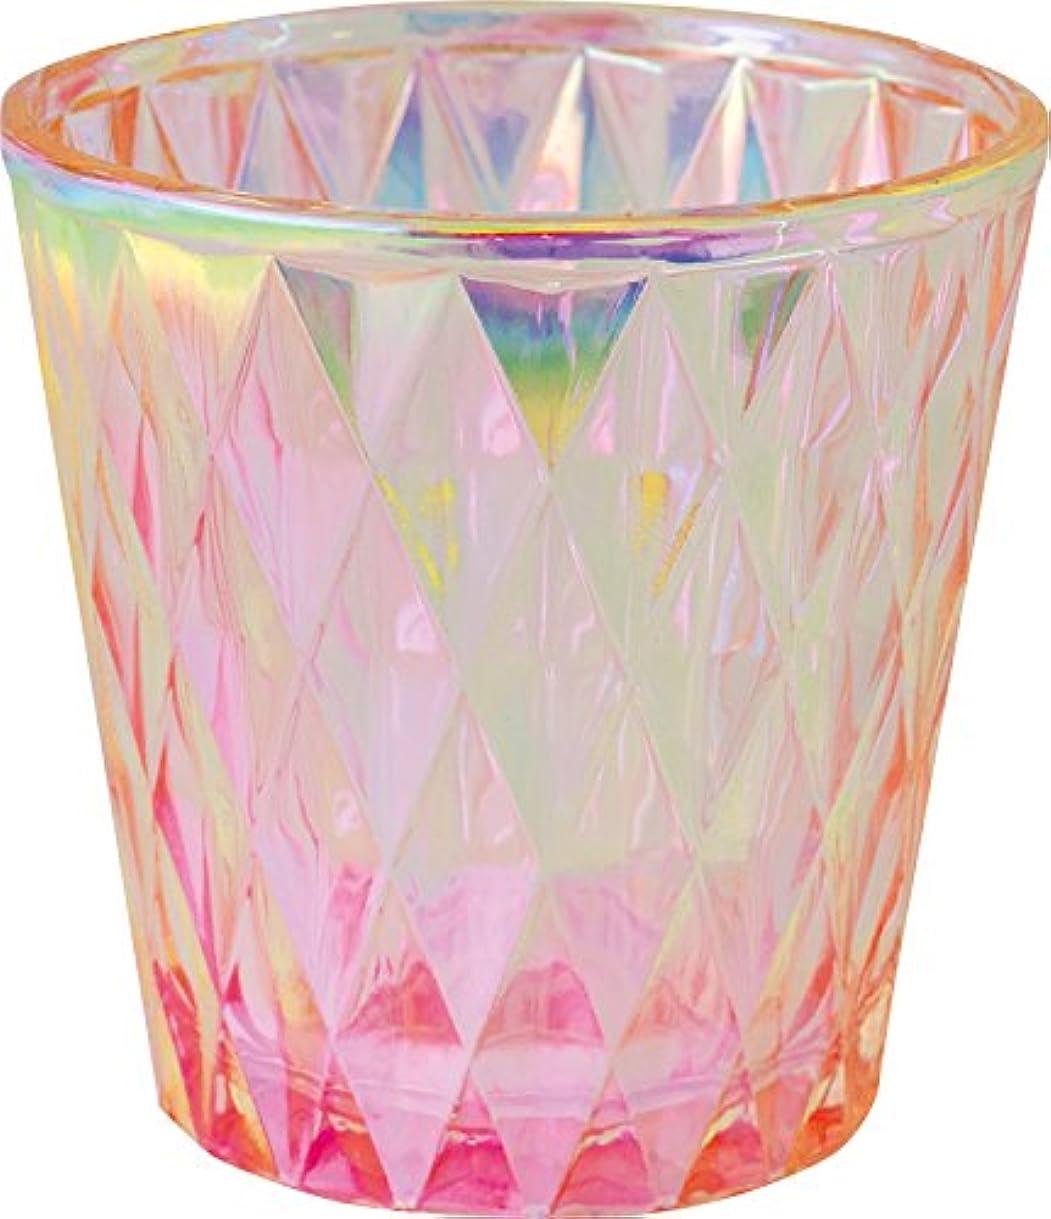 分注するコントラスト麻痺カメヤマキャンドルハウス オーロラダイヤグラス キャンドルフォルダー ピンク